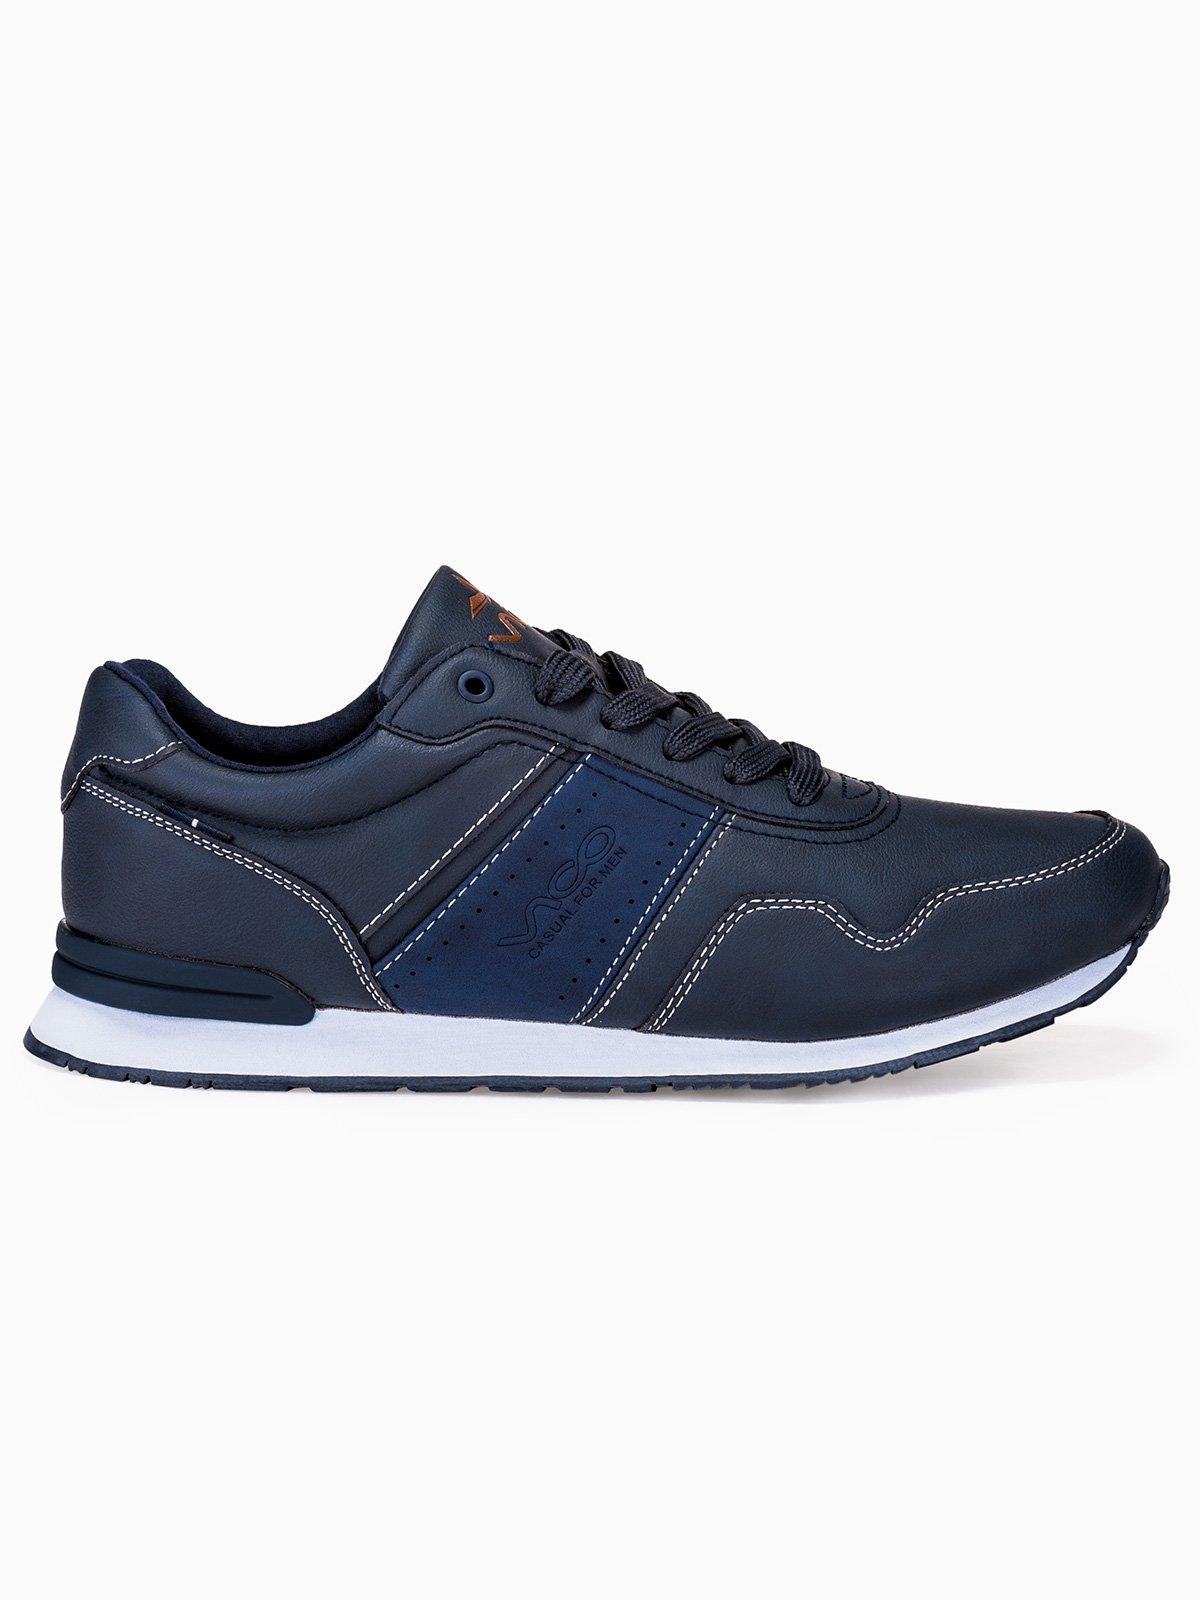 a493fad7519d78 Взуття чоловіче кросівки T259 - темно-сині темно-синій | ЧОЛОВІЧЕ ...